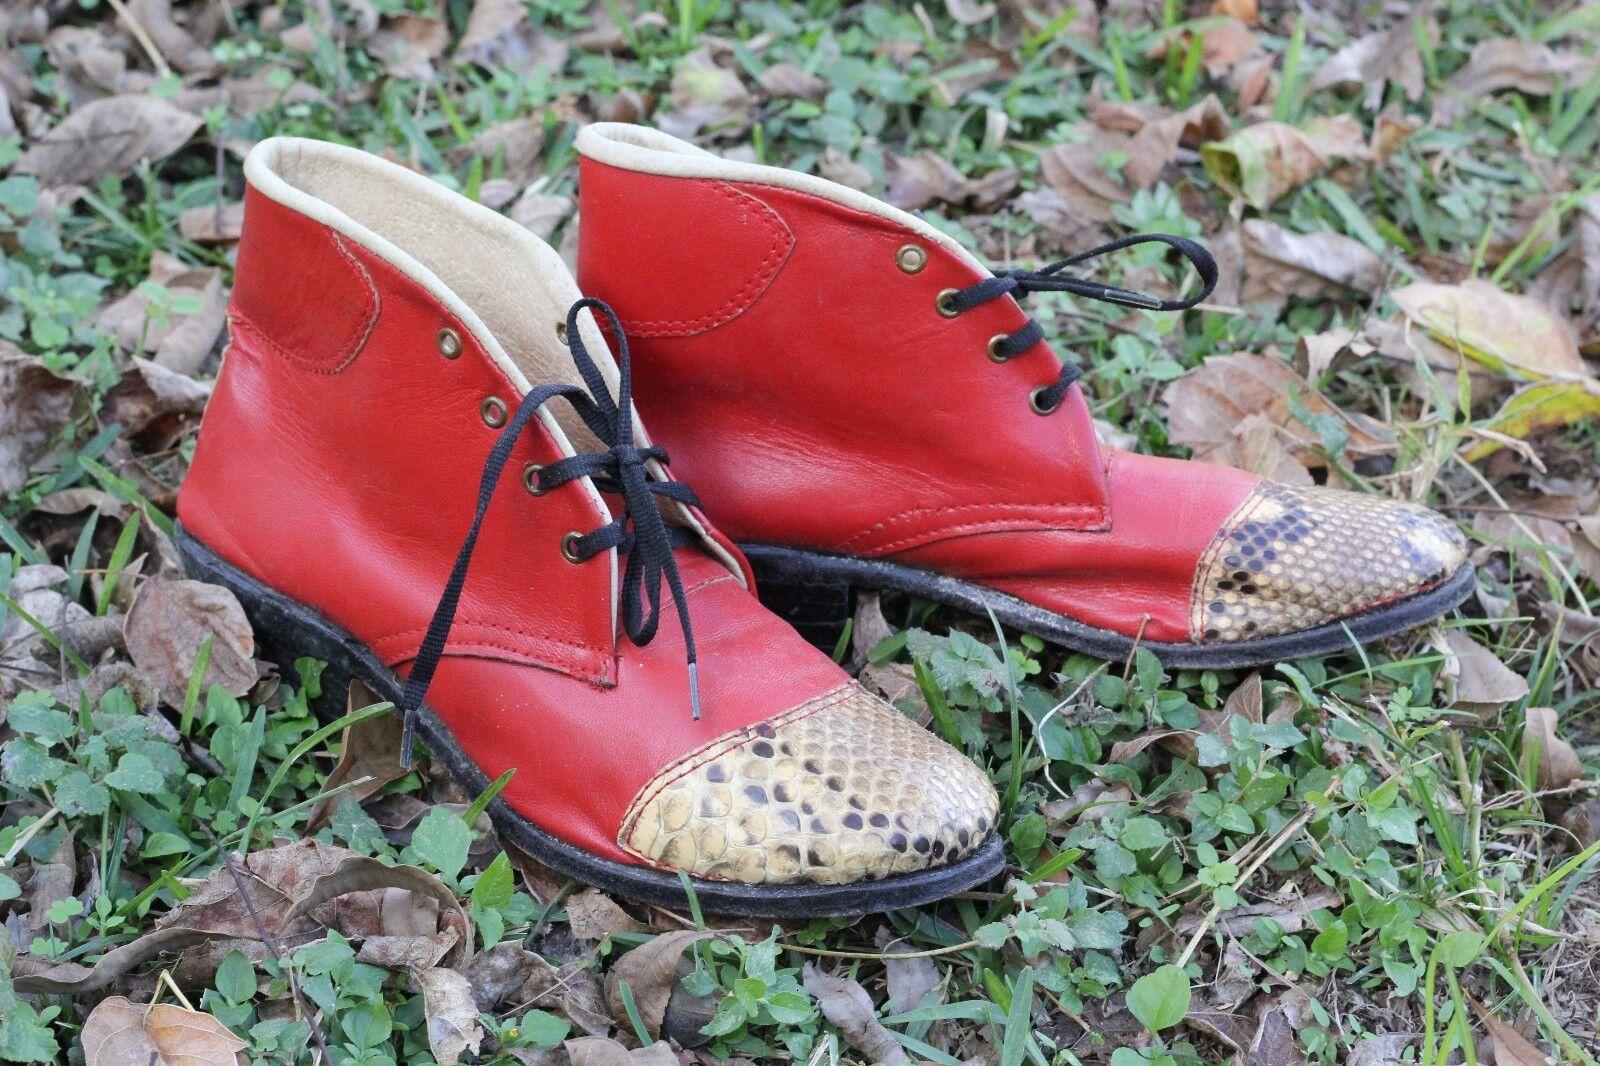 servizio onesto RARE  Vintage rosso Leather & Lizard Genuine Lace Lace Lace up Leather avvioies stivali 6.5   7  marchio famoso